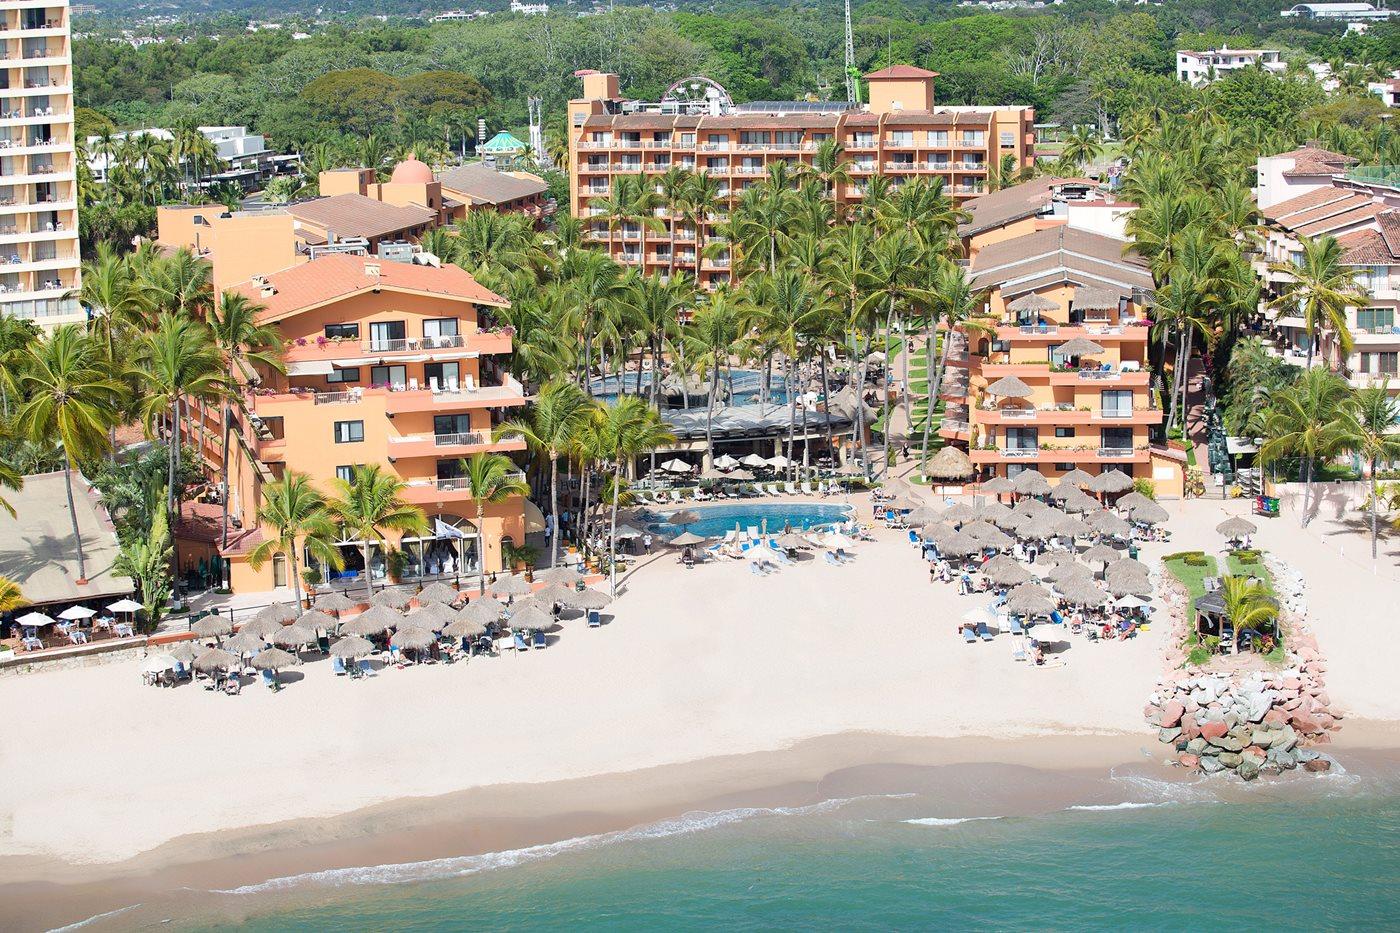 e883b7aea Villa del Palmar Beach   Resort Puerto Vallarta - Puerto Vallarta ...